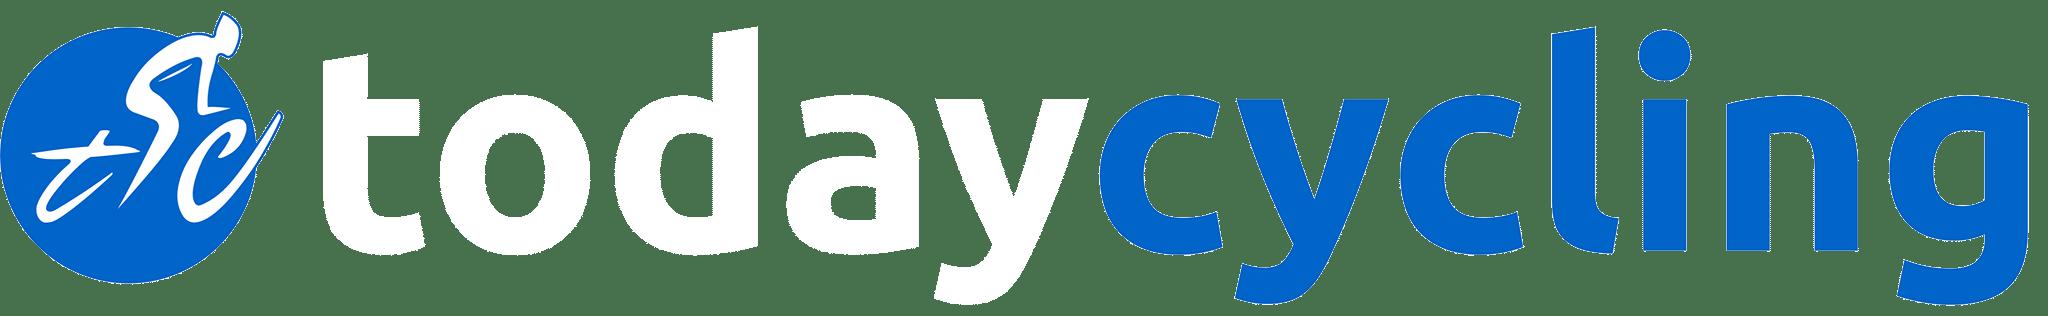 Cyclisme : actualité, les résultats de vélo, vidéo en direct live, Tour de France, Giro 2017 - TodayCycling